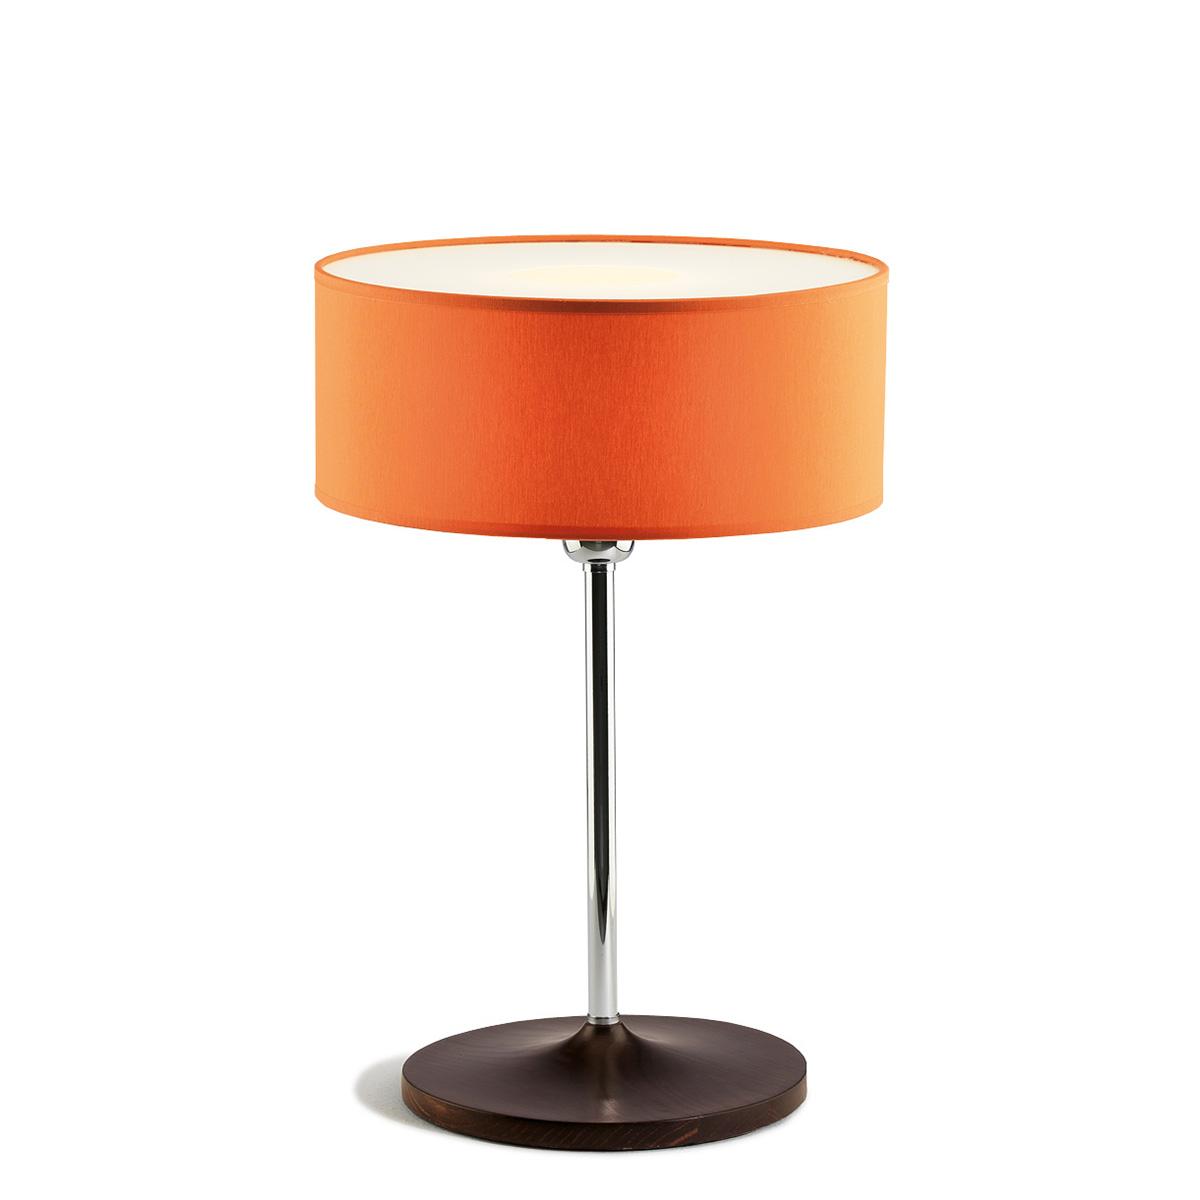 Επιτραπέζια λάμπα με πορτοκαλί καπέλο DISCO ZEN orange shade table lamp